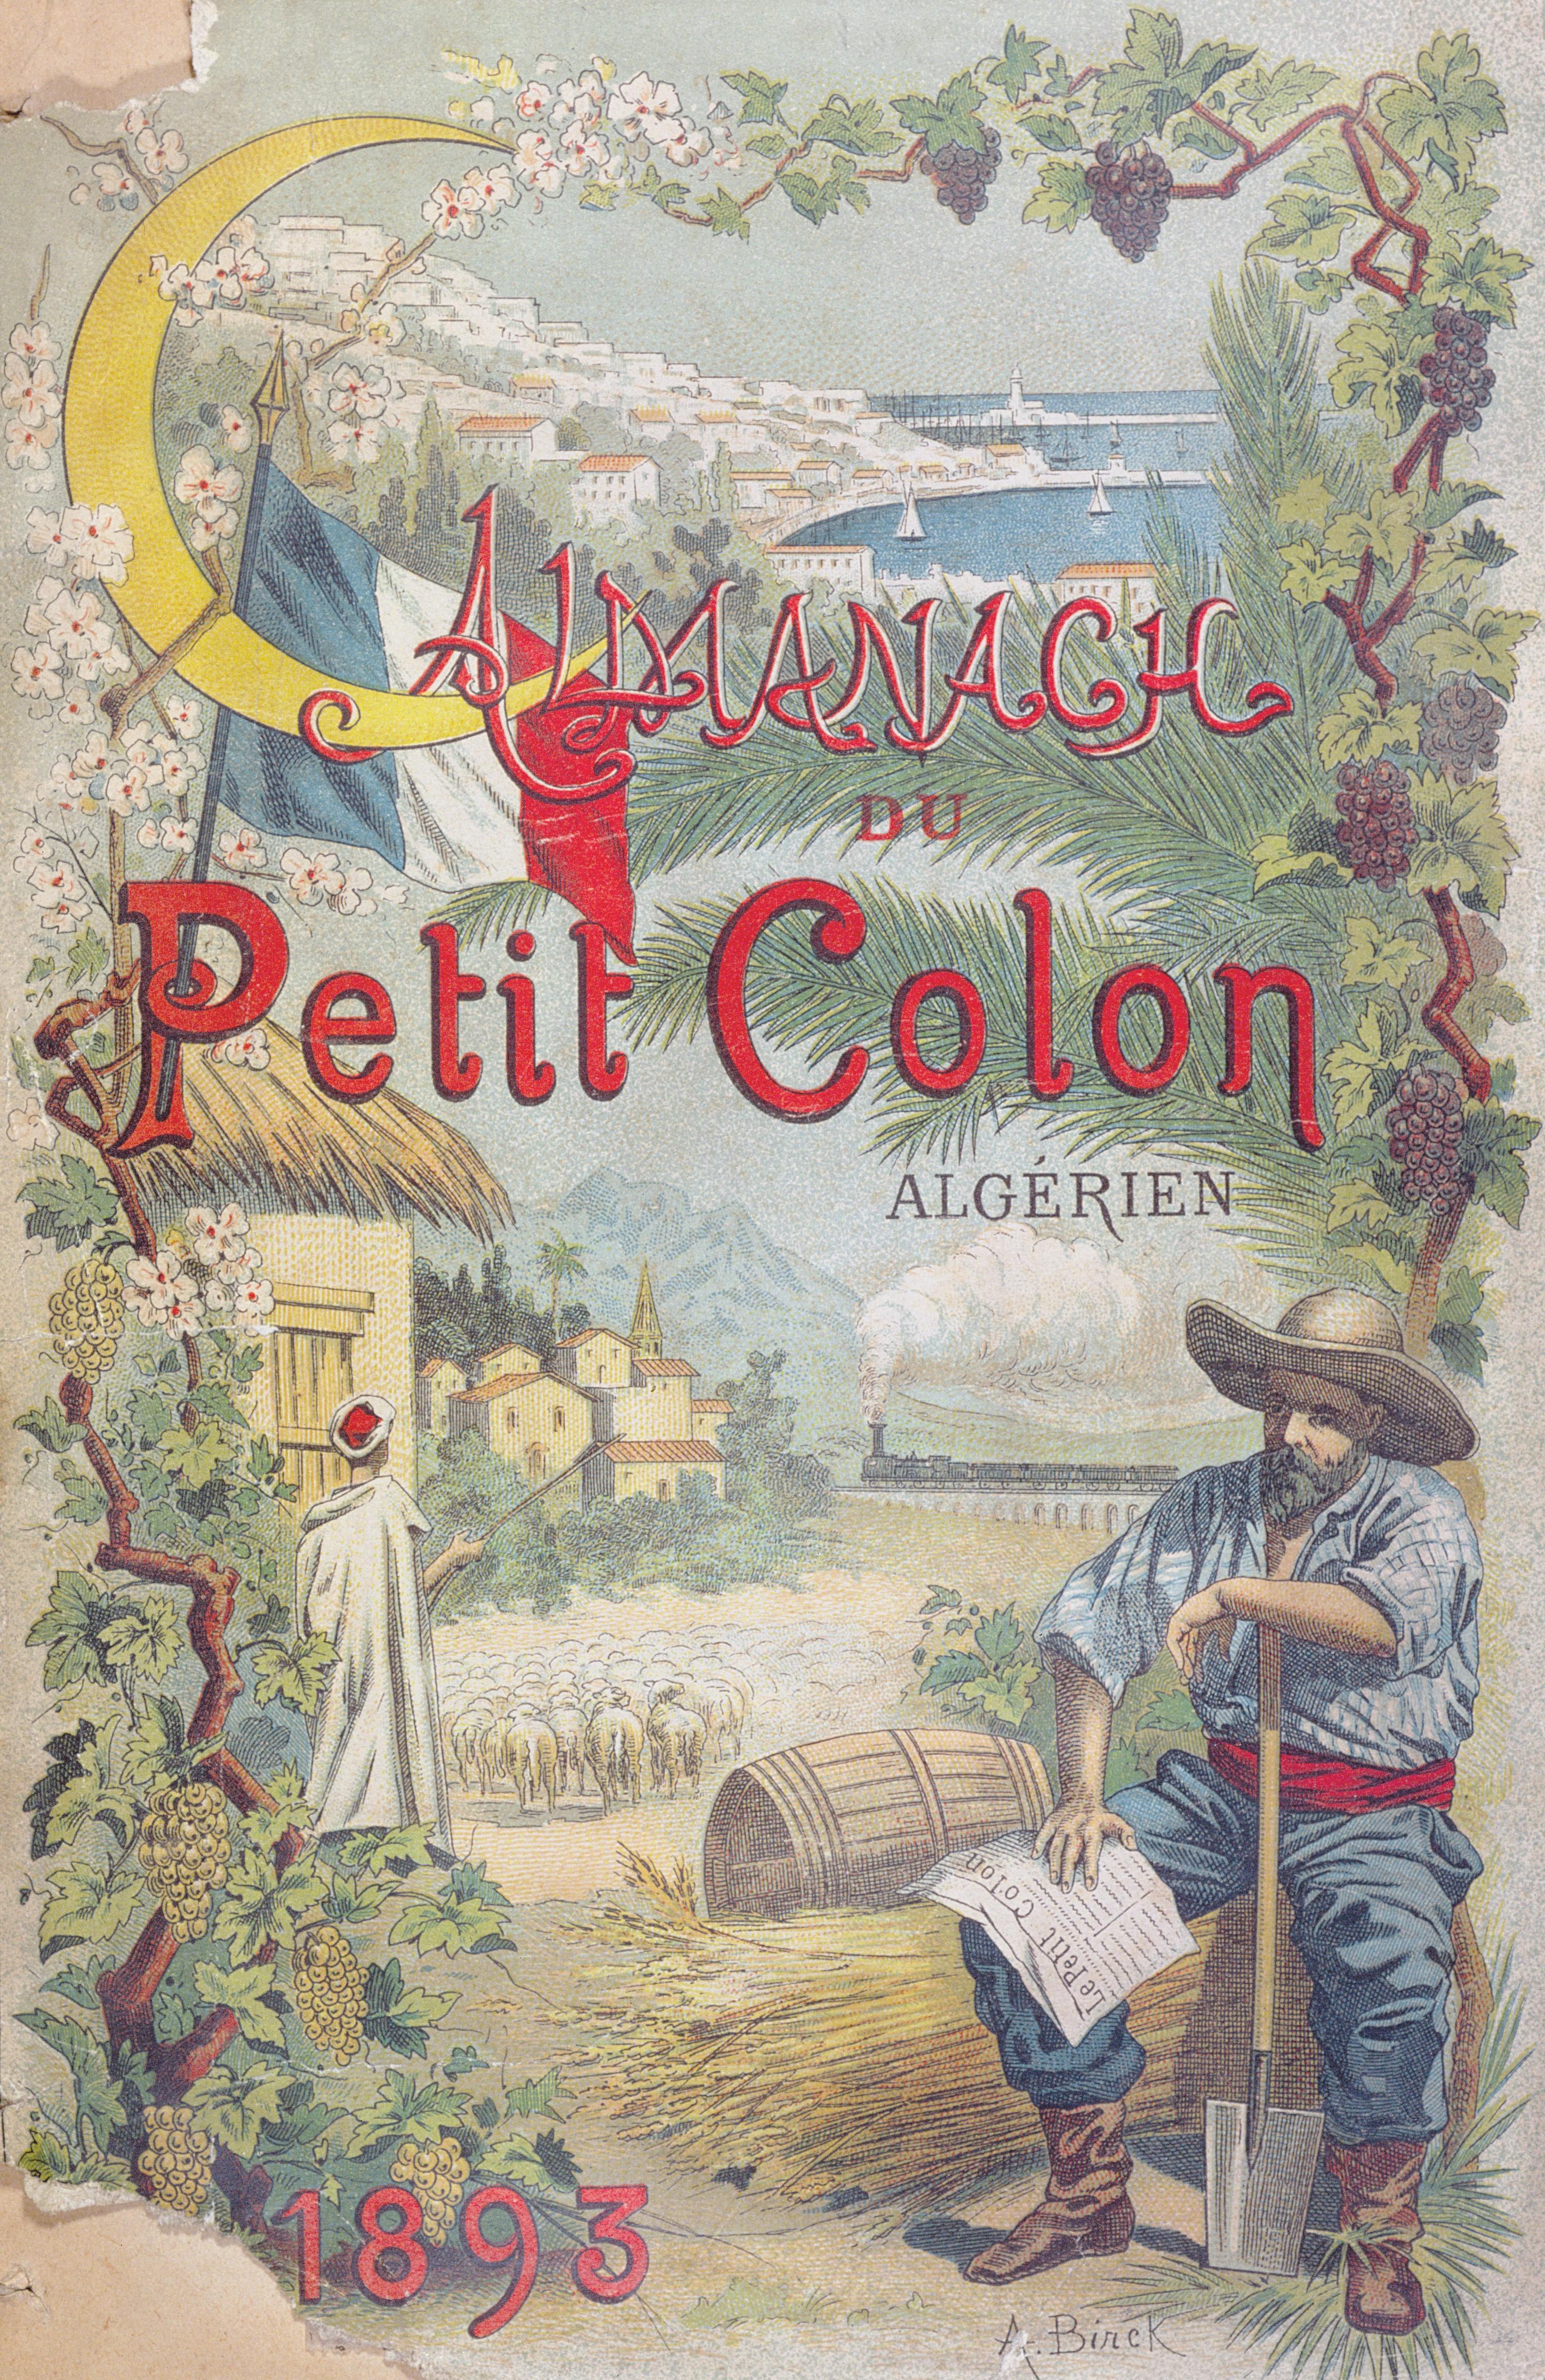 Almanach du Petit Colon Algérien